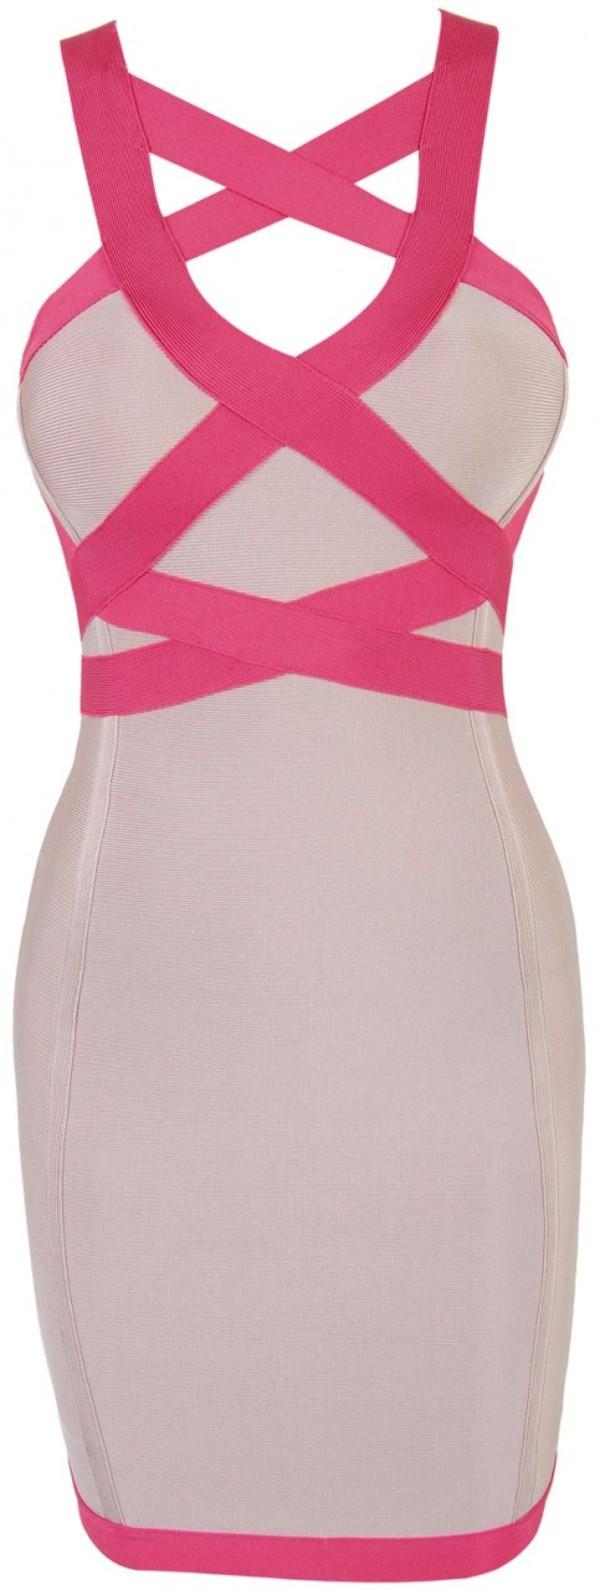 dress bandage dress pink dress pink